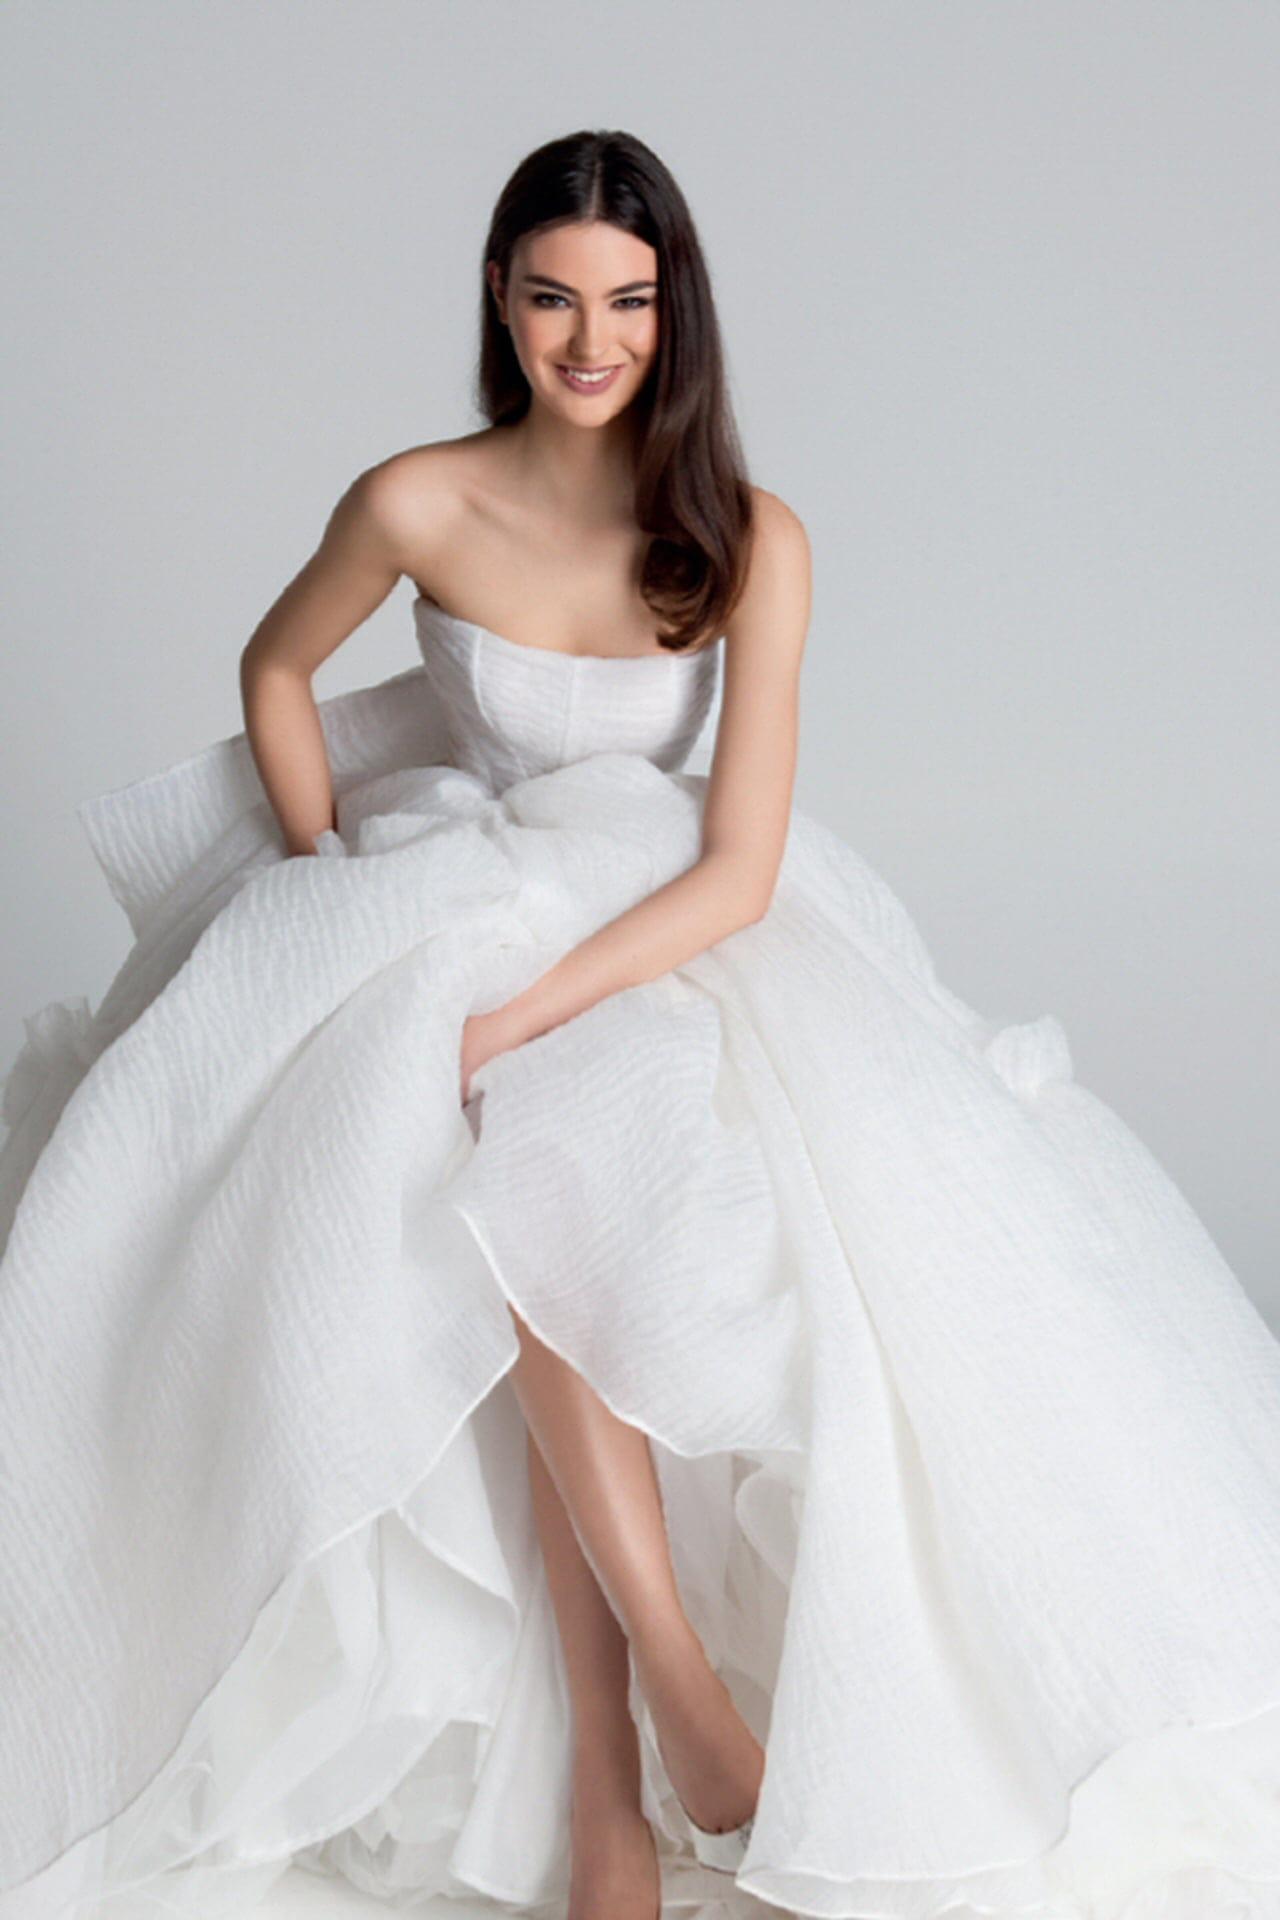 811a9b12de39 Abiti da sposa 2018  i modelli delle nuove collezioni